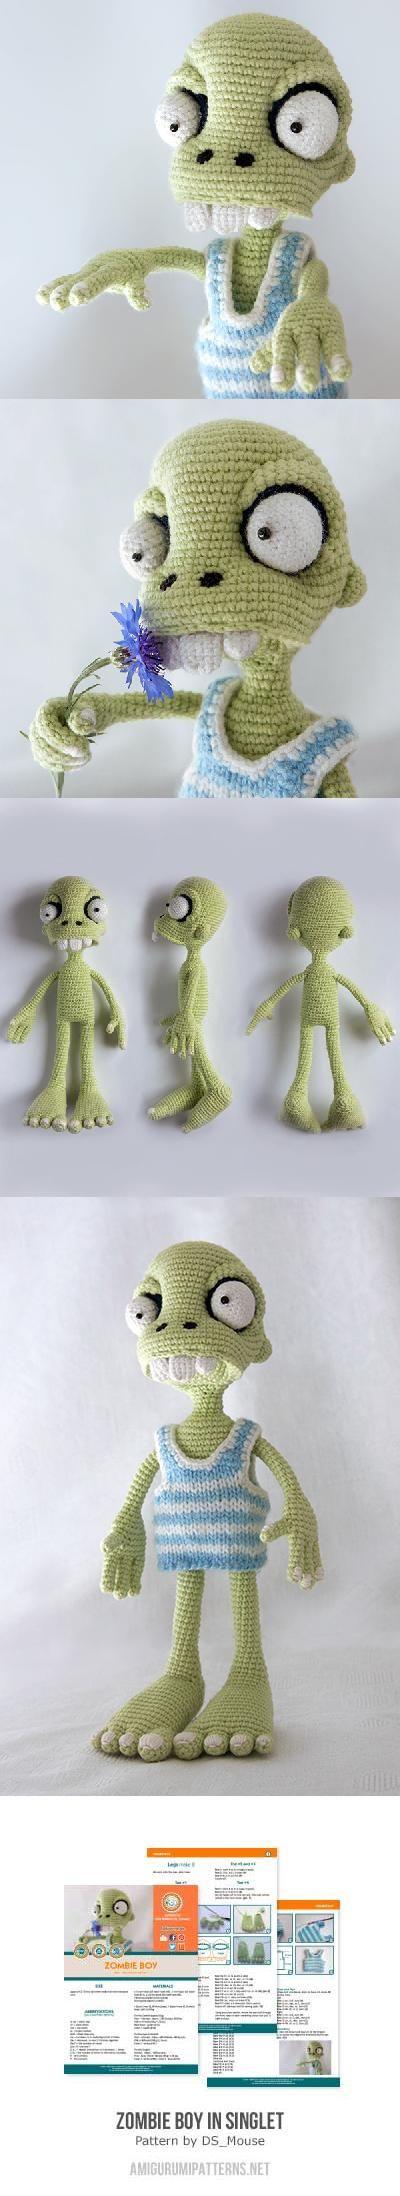 Zombie boy in singlet amigurumi pattern by Ds_mouse | Häkeln, Häkeln ...